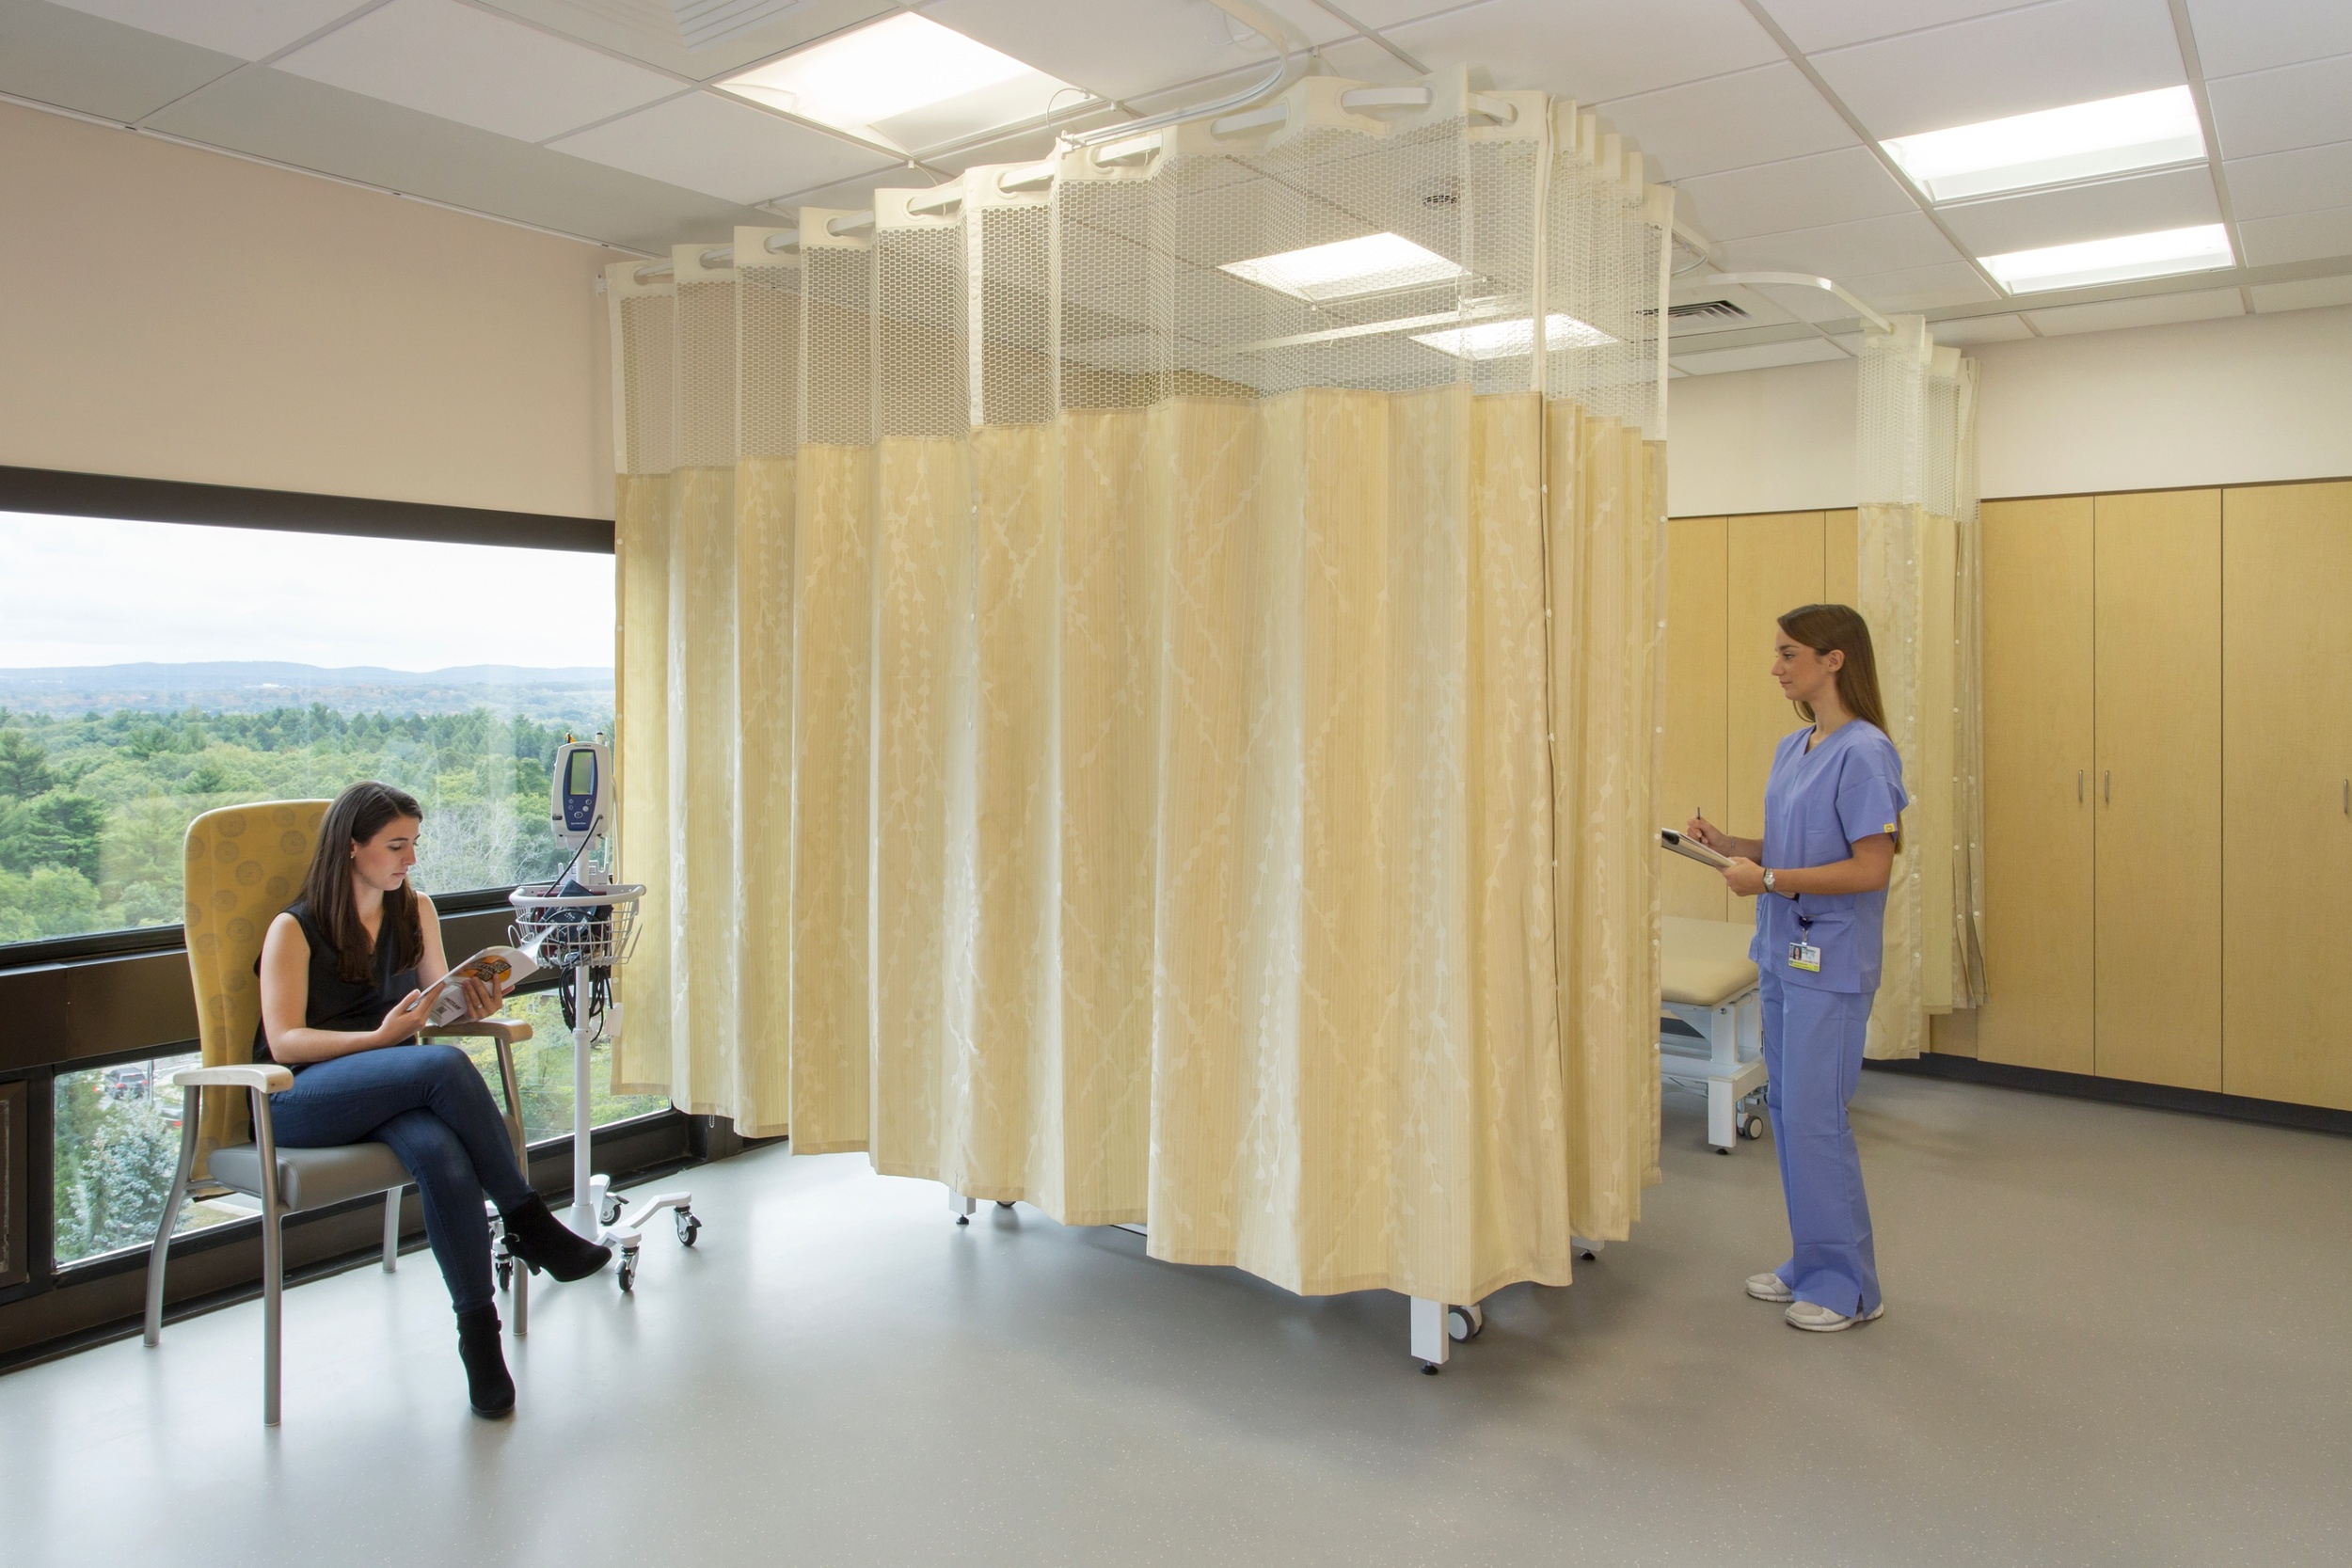 Brigham & Women's Faulkner Hospital Total Joint Center — Linea 5